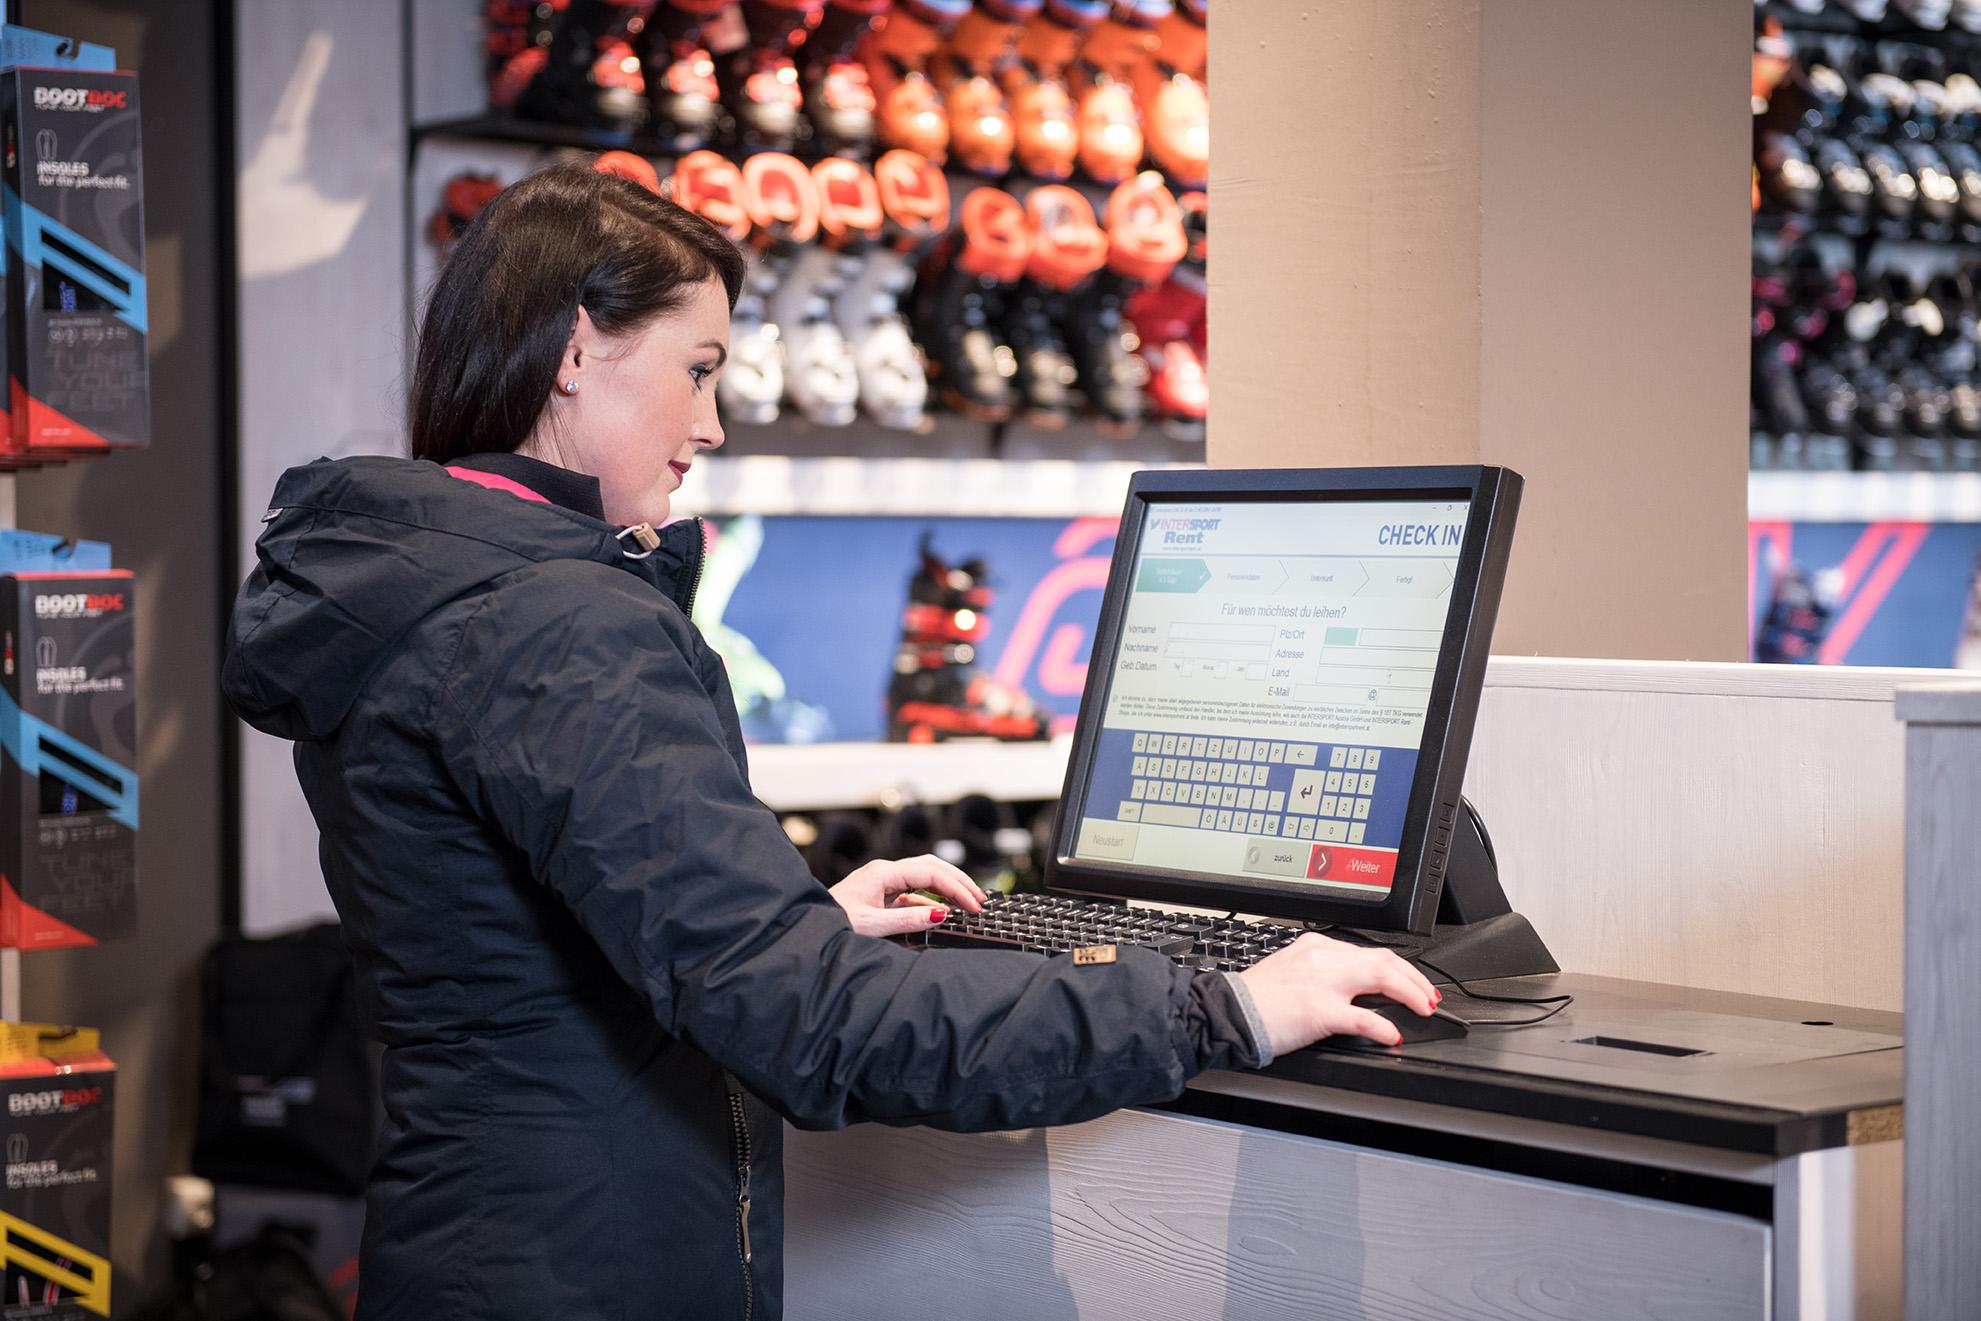 Ski Ausrüstung online reservieren